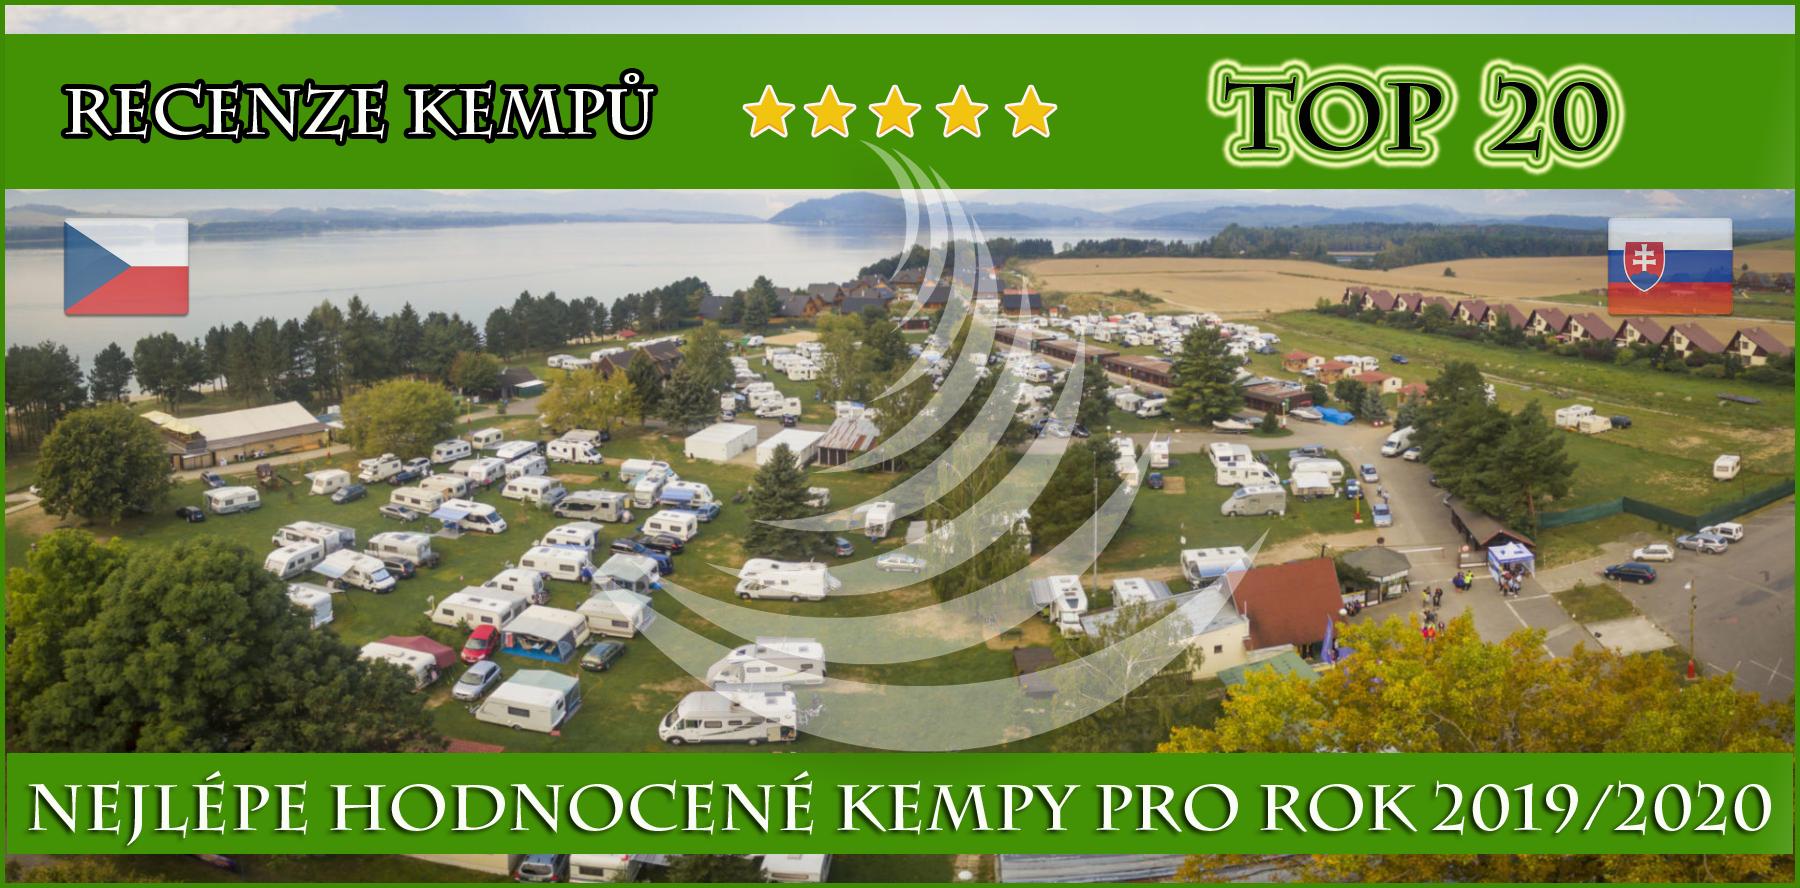 https://www.kempy-chaty.cz/sites/default/files/novinky/recenze_kempu_2019_1.png